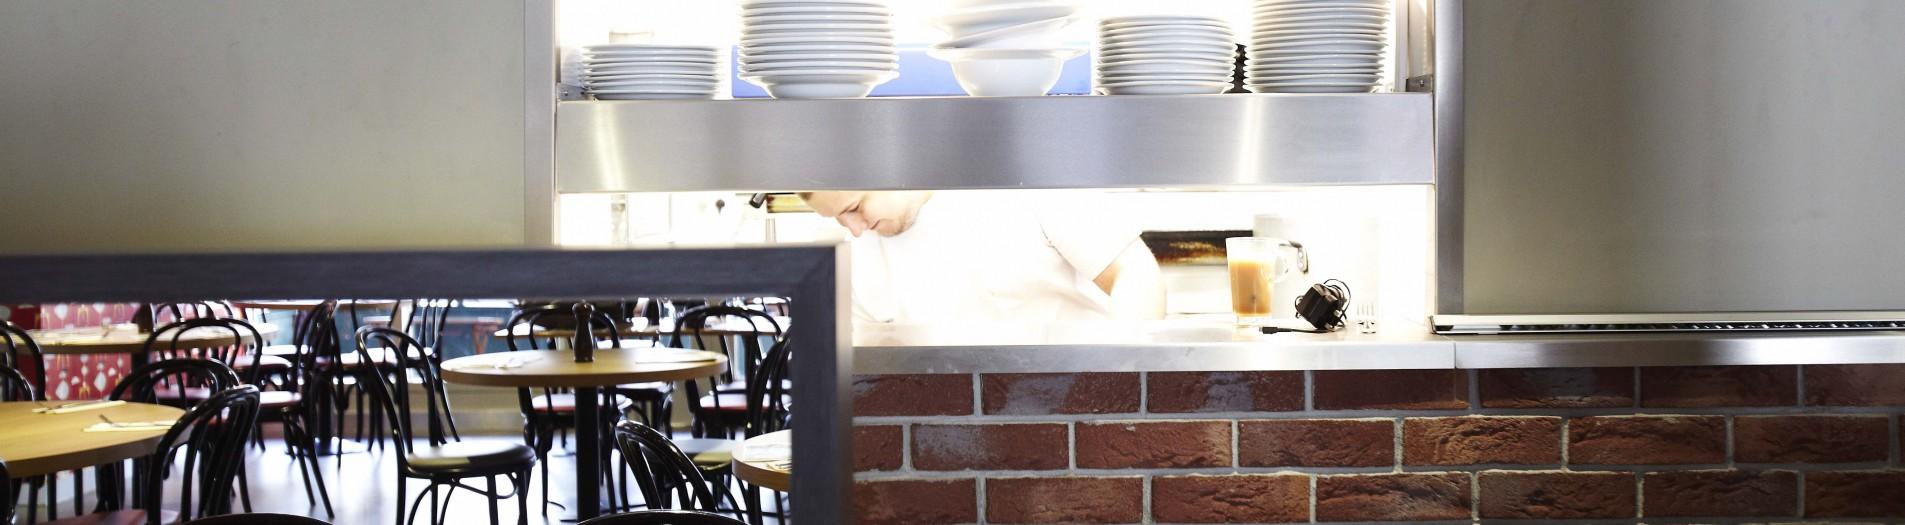 Salvo's Restaurant & Bar, Leeds